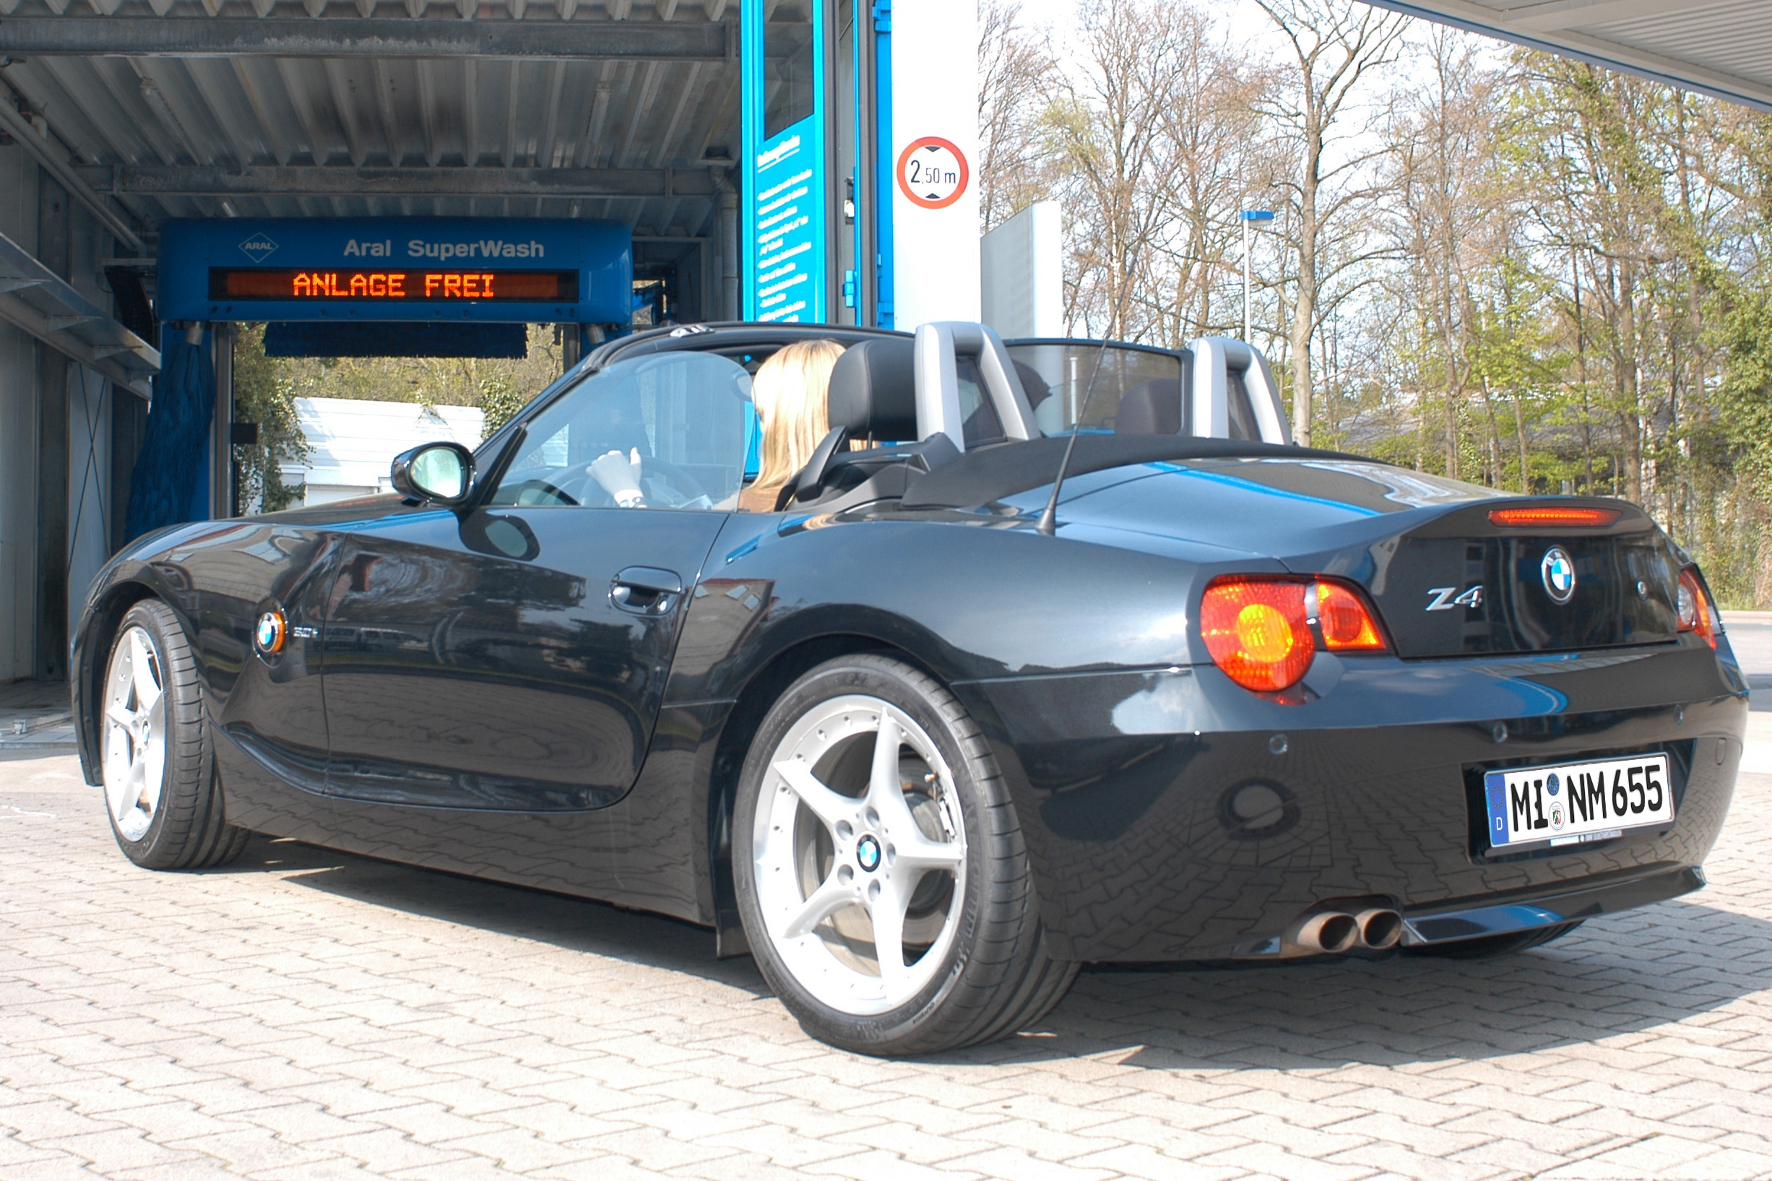 mid Groß-Gerau - In einigen deutschen Bundesländern können Autofahrer mit ihrem Wagen sonntags ganz in Ruhe durch die Waschstraße fahren, in anderen ist das verboten.